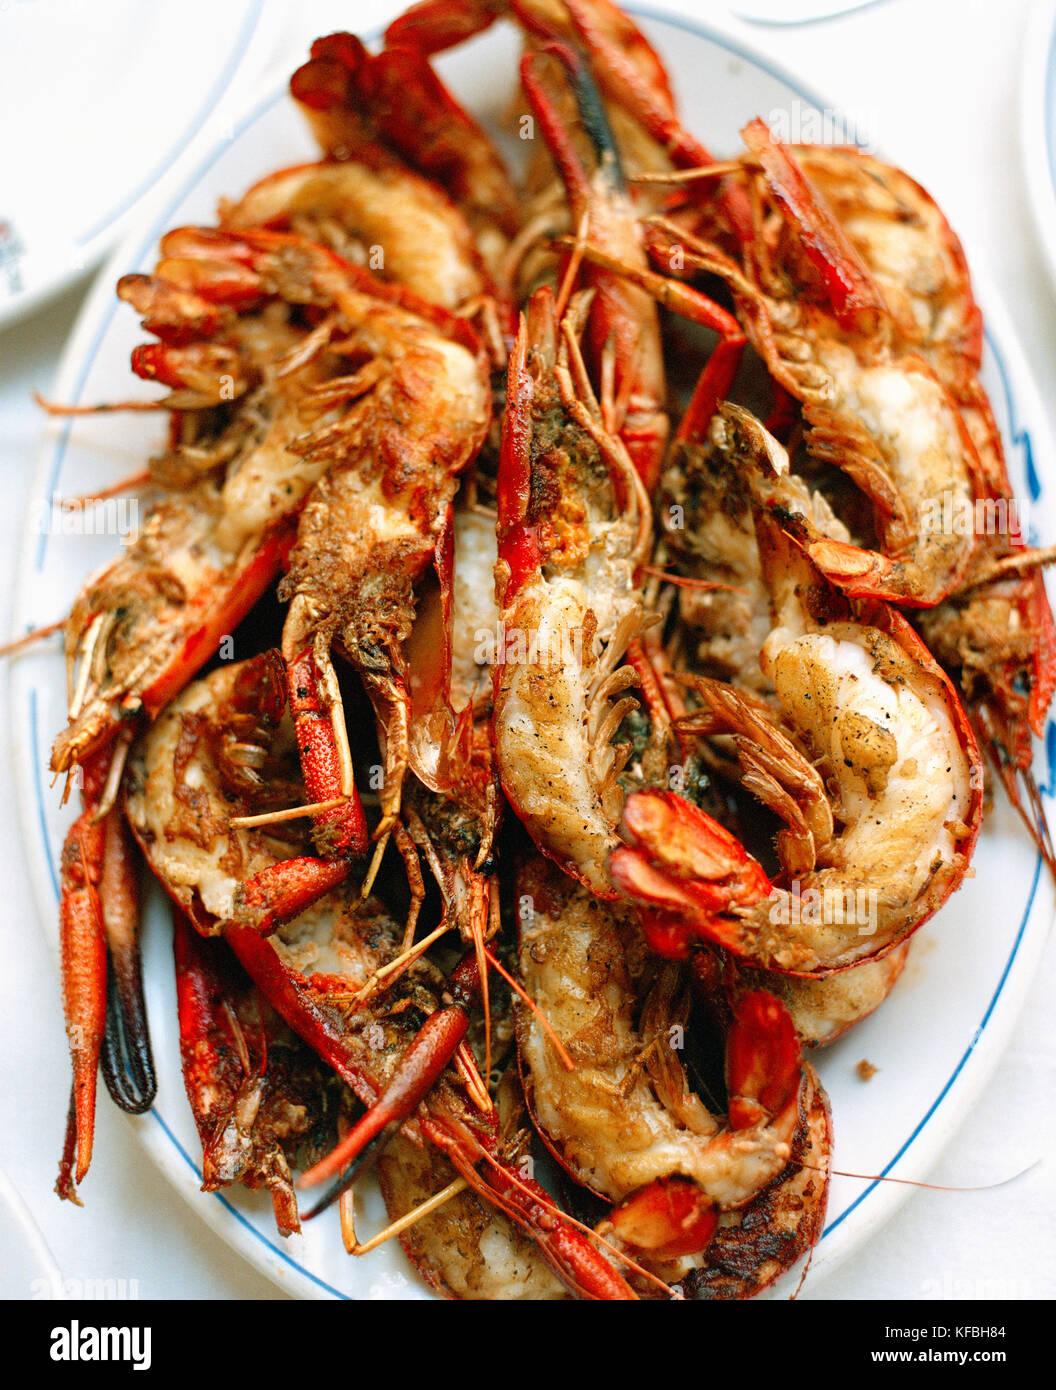 MEXICO, Mexico City, Danubio Restaurant,  close-up of shrimp - Stock Image